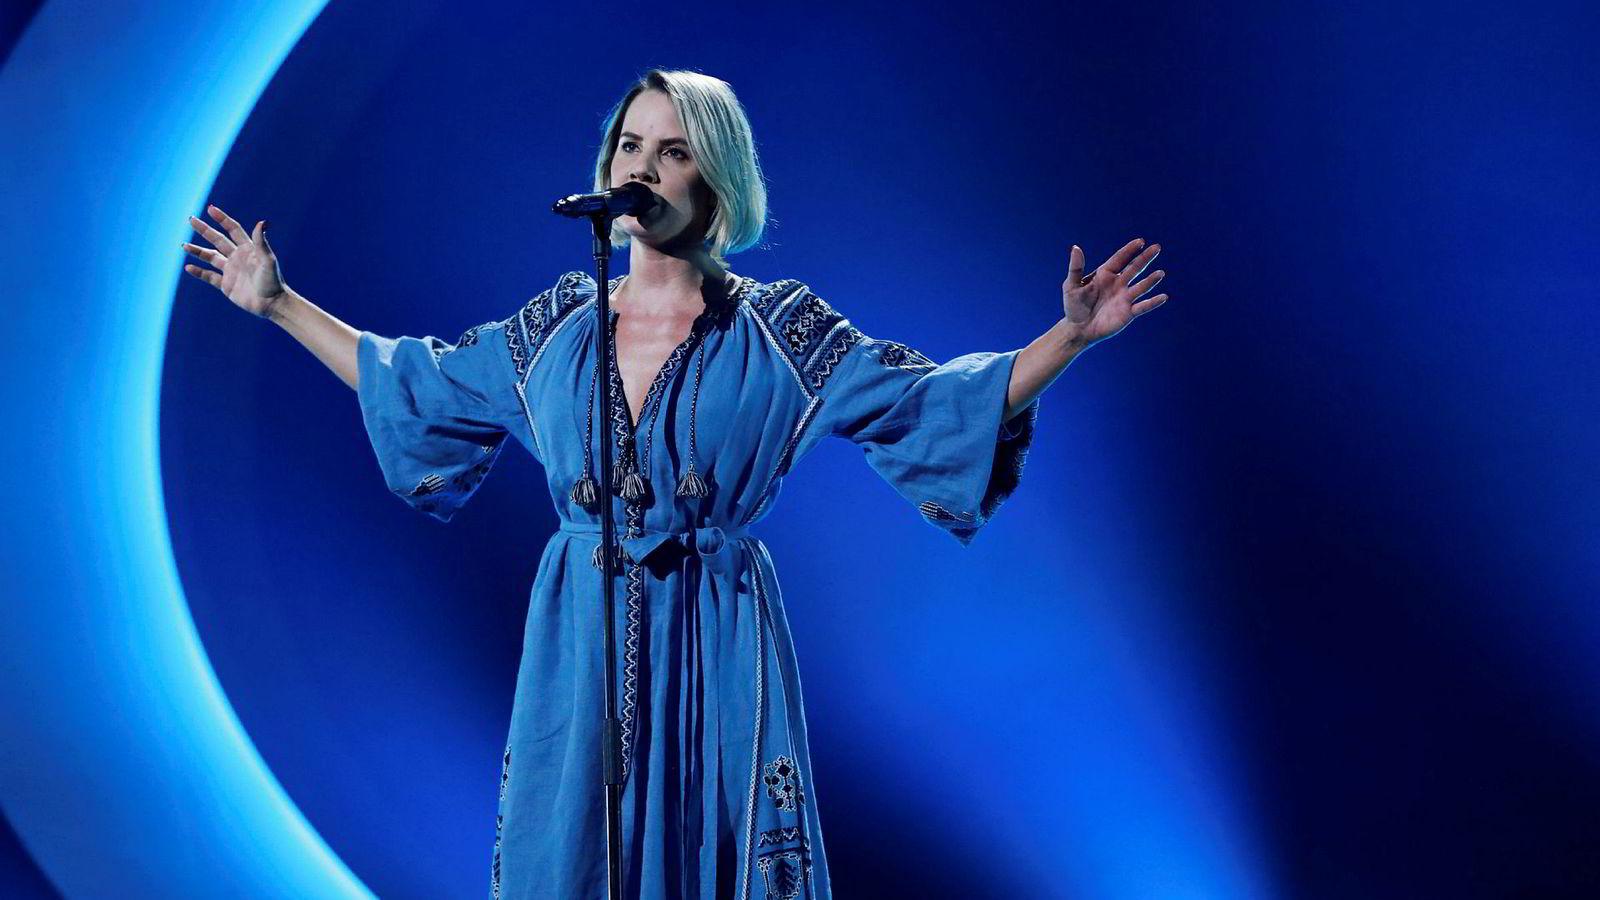 – Jeg fokuserer mer på tid enn jeg gjorde før, sier Ina Wroldsen, som siden 2007 har bygget seg opp som låtskriver med internasjonal suksess.